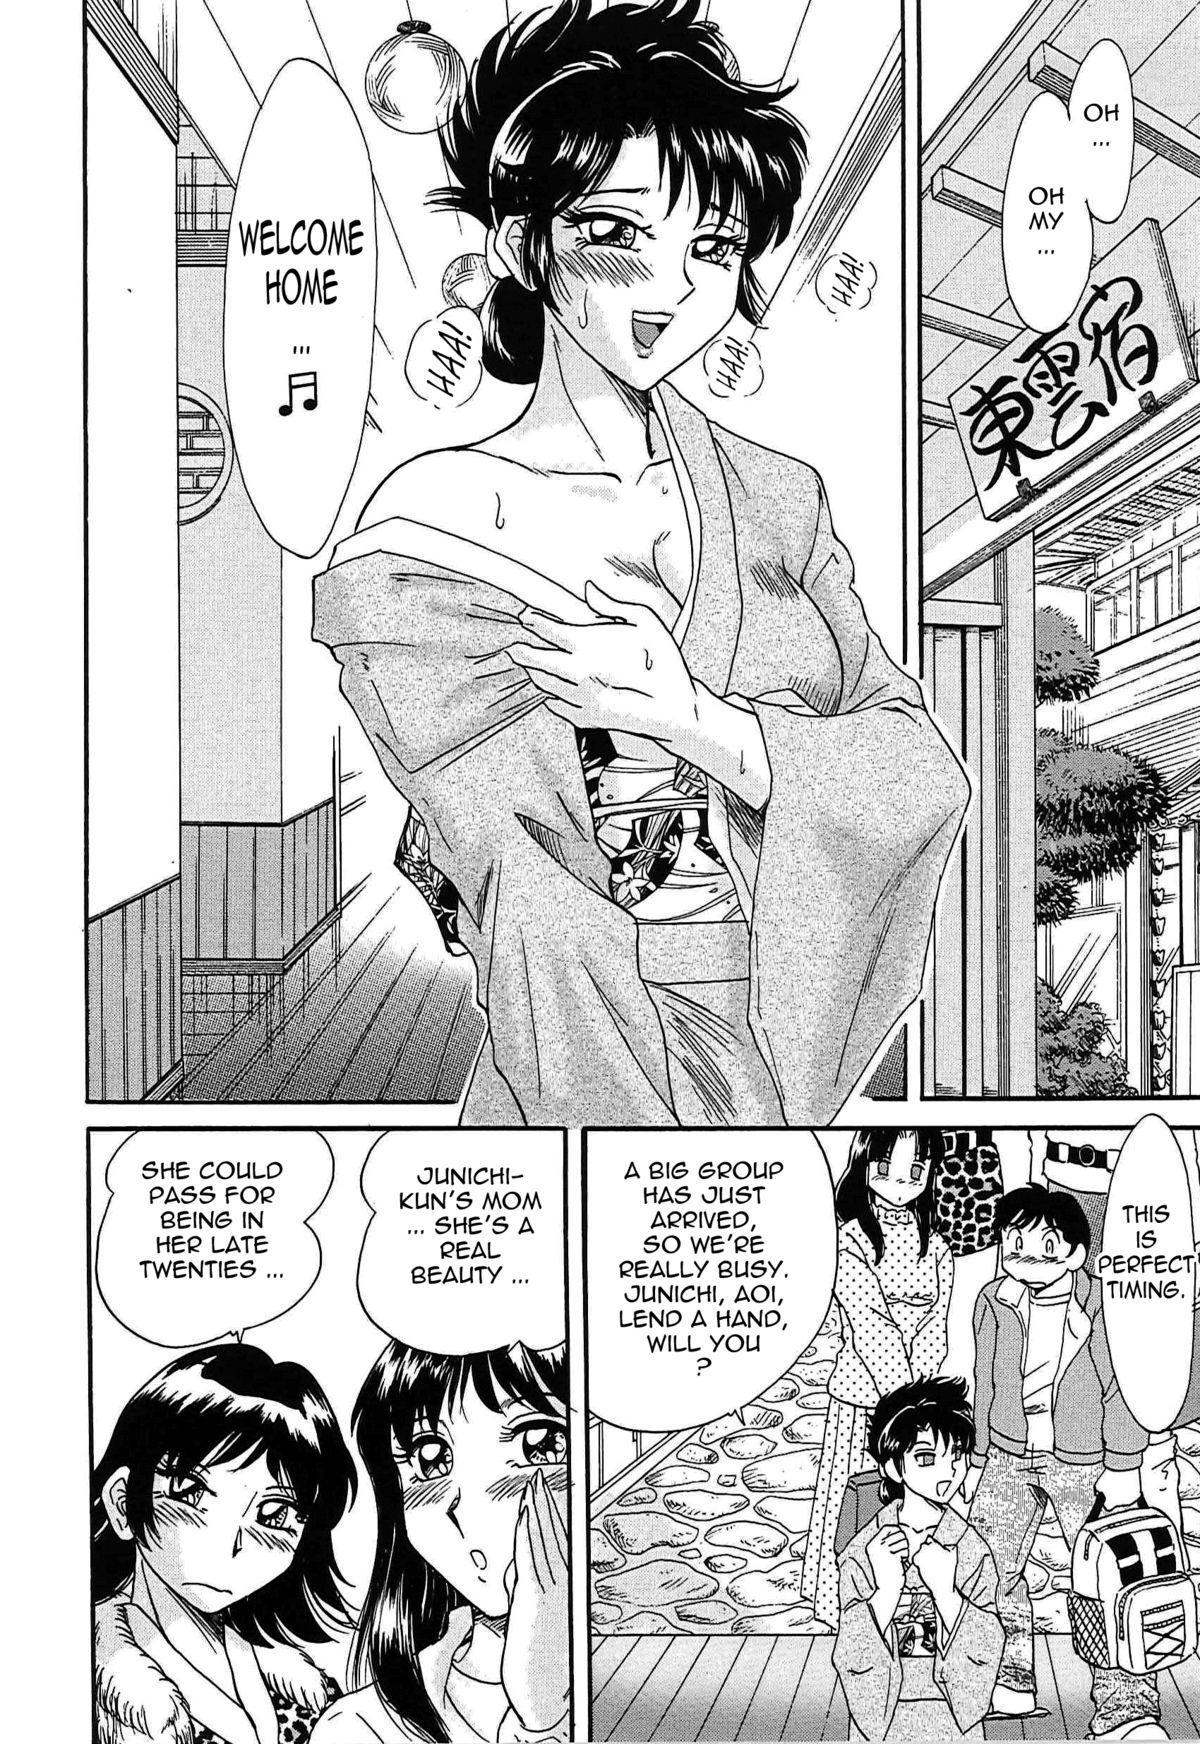 [Chanpon Miyabi] Cho-Onesan Tengoku 3 -Nikuyokuhen- [English] [Tadanohito] 107